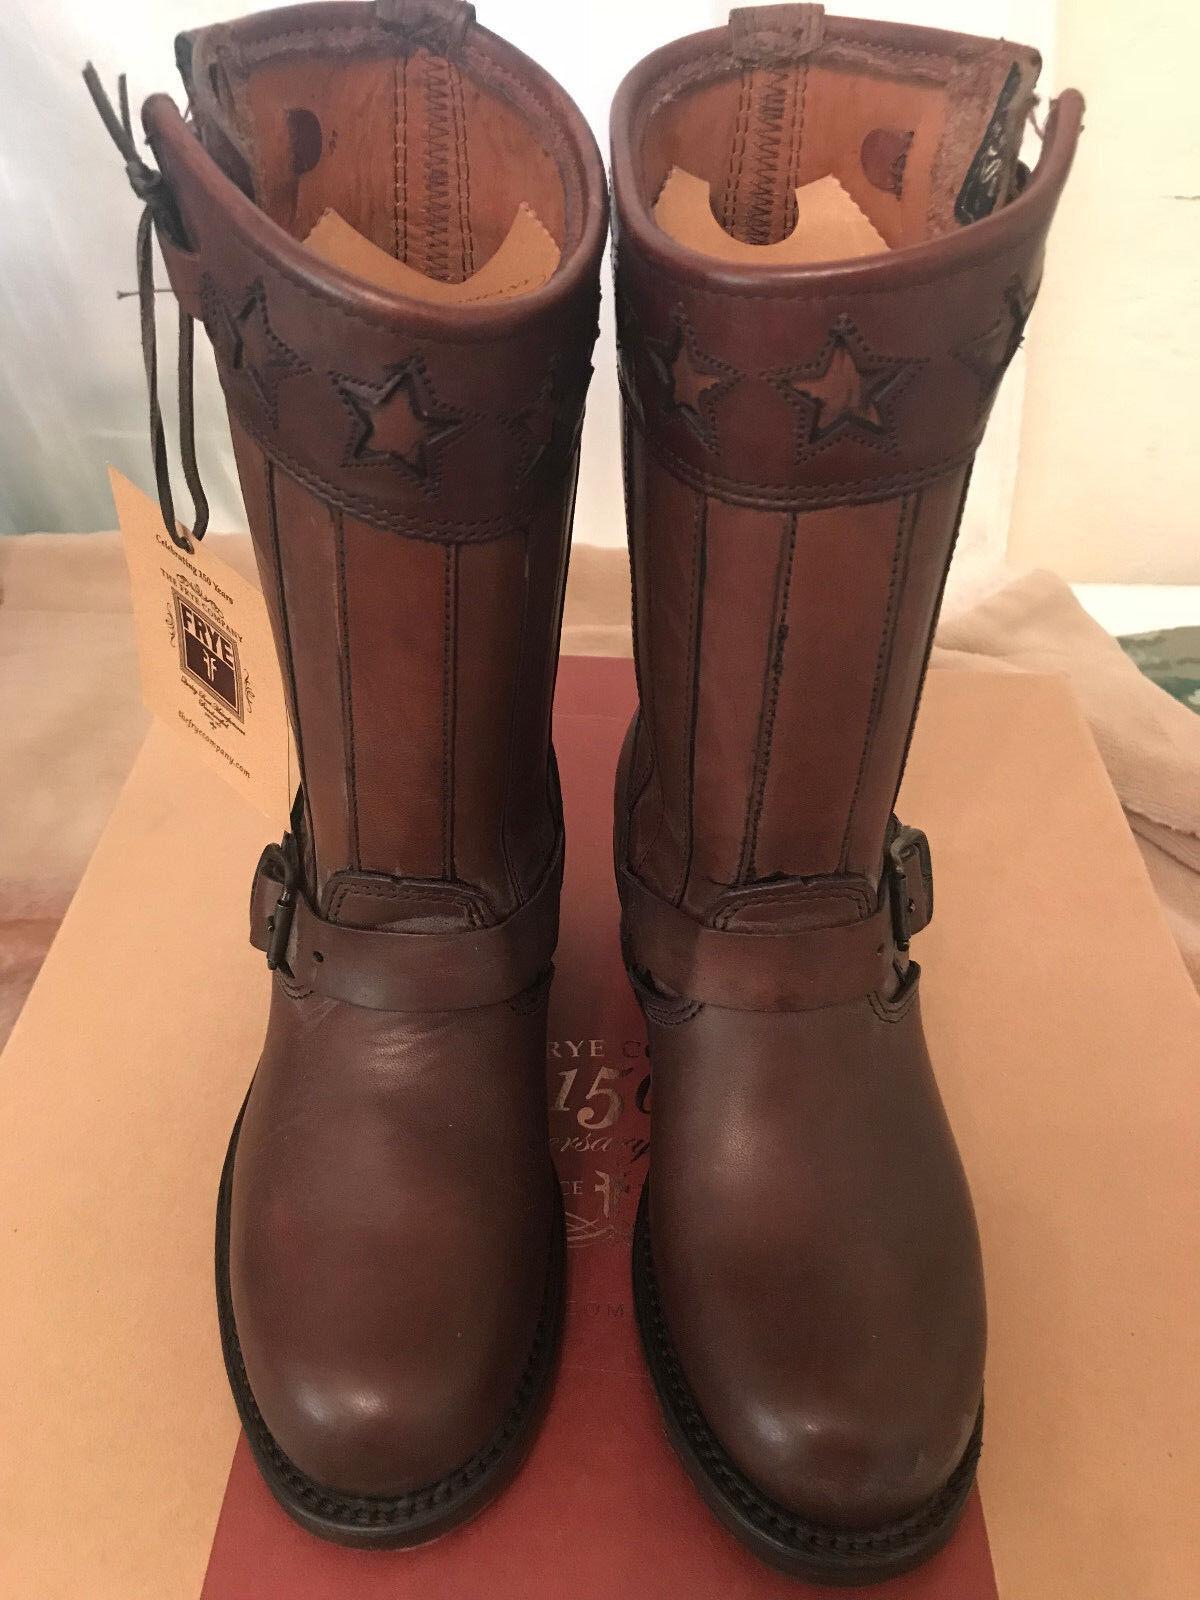 Frye Engineer Americana Americana Americana corto para mujer botas Marrón DK, tamaño 6M, Nuevo En Caja 52755b